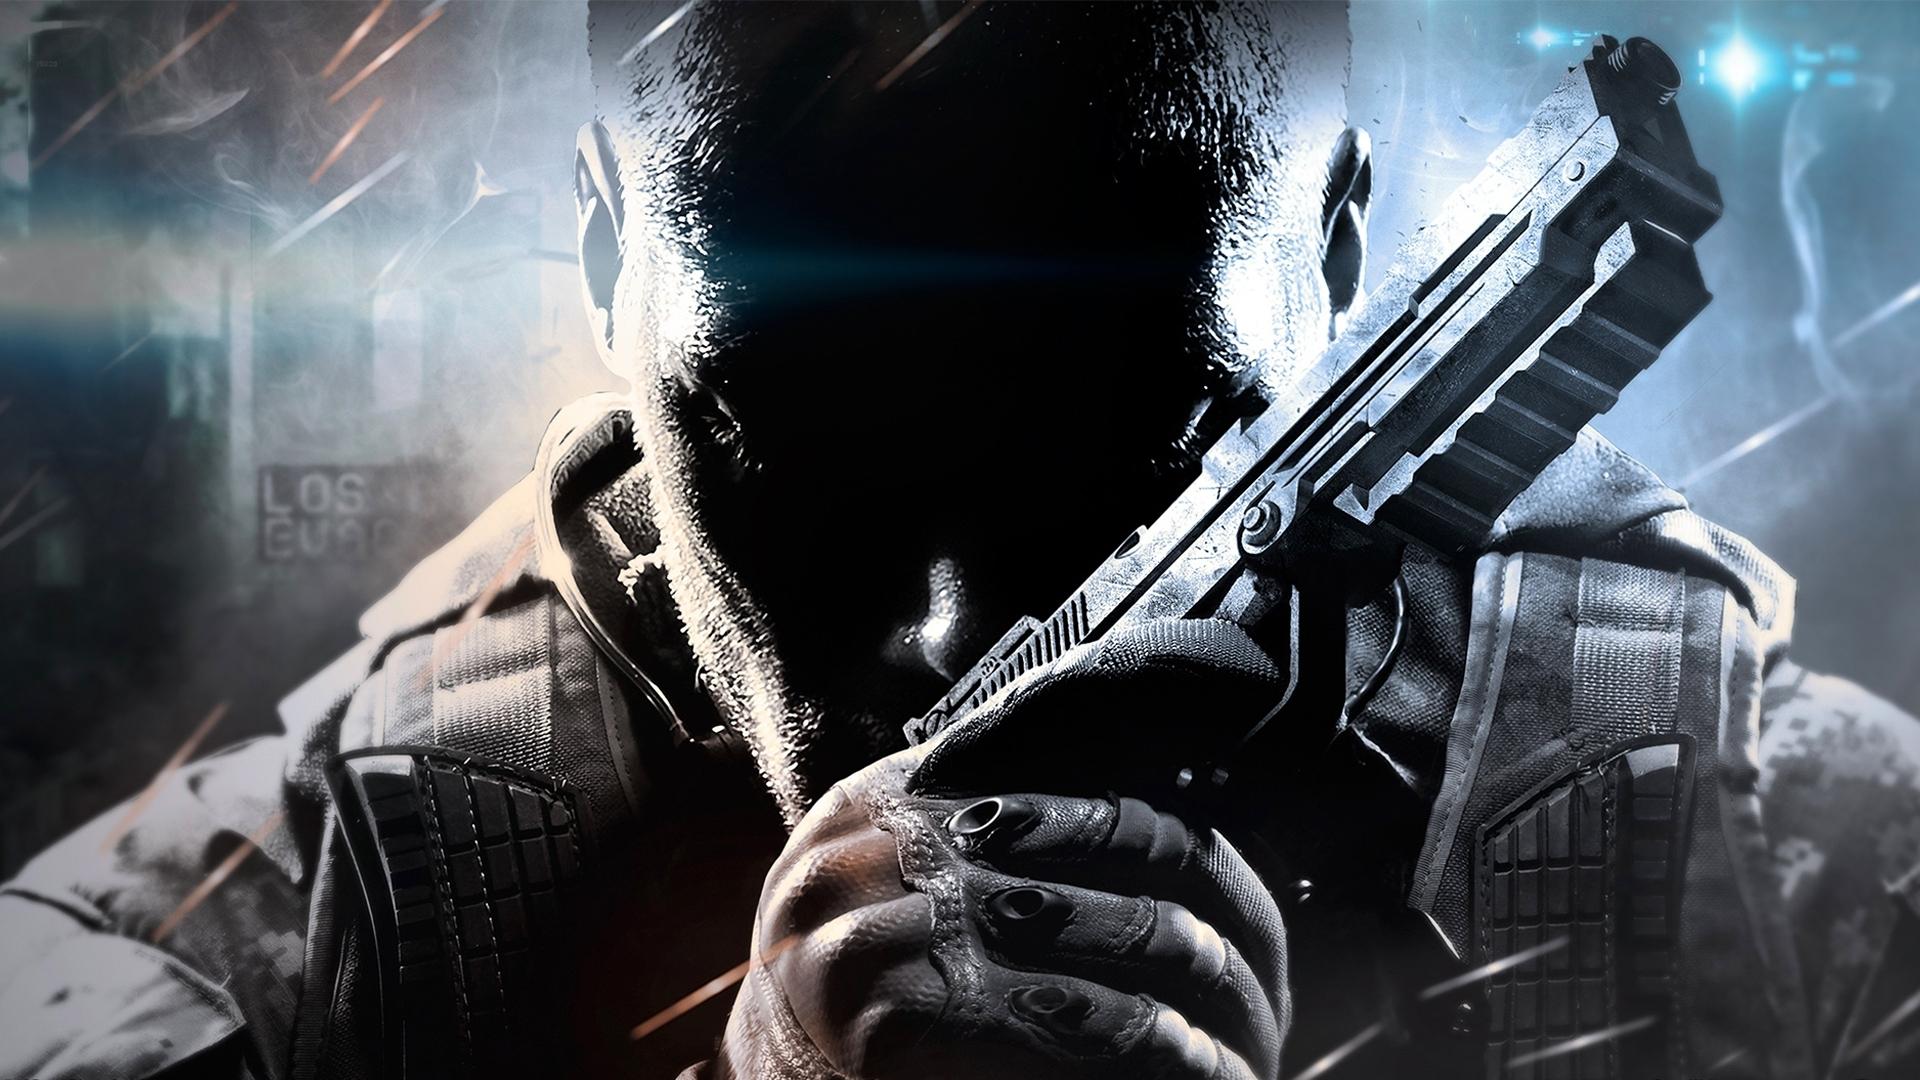 CoD2   FPS Games Wallpaper 1920x1080 110209 1920x1080